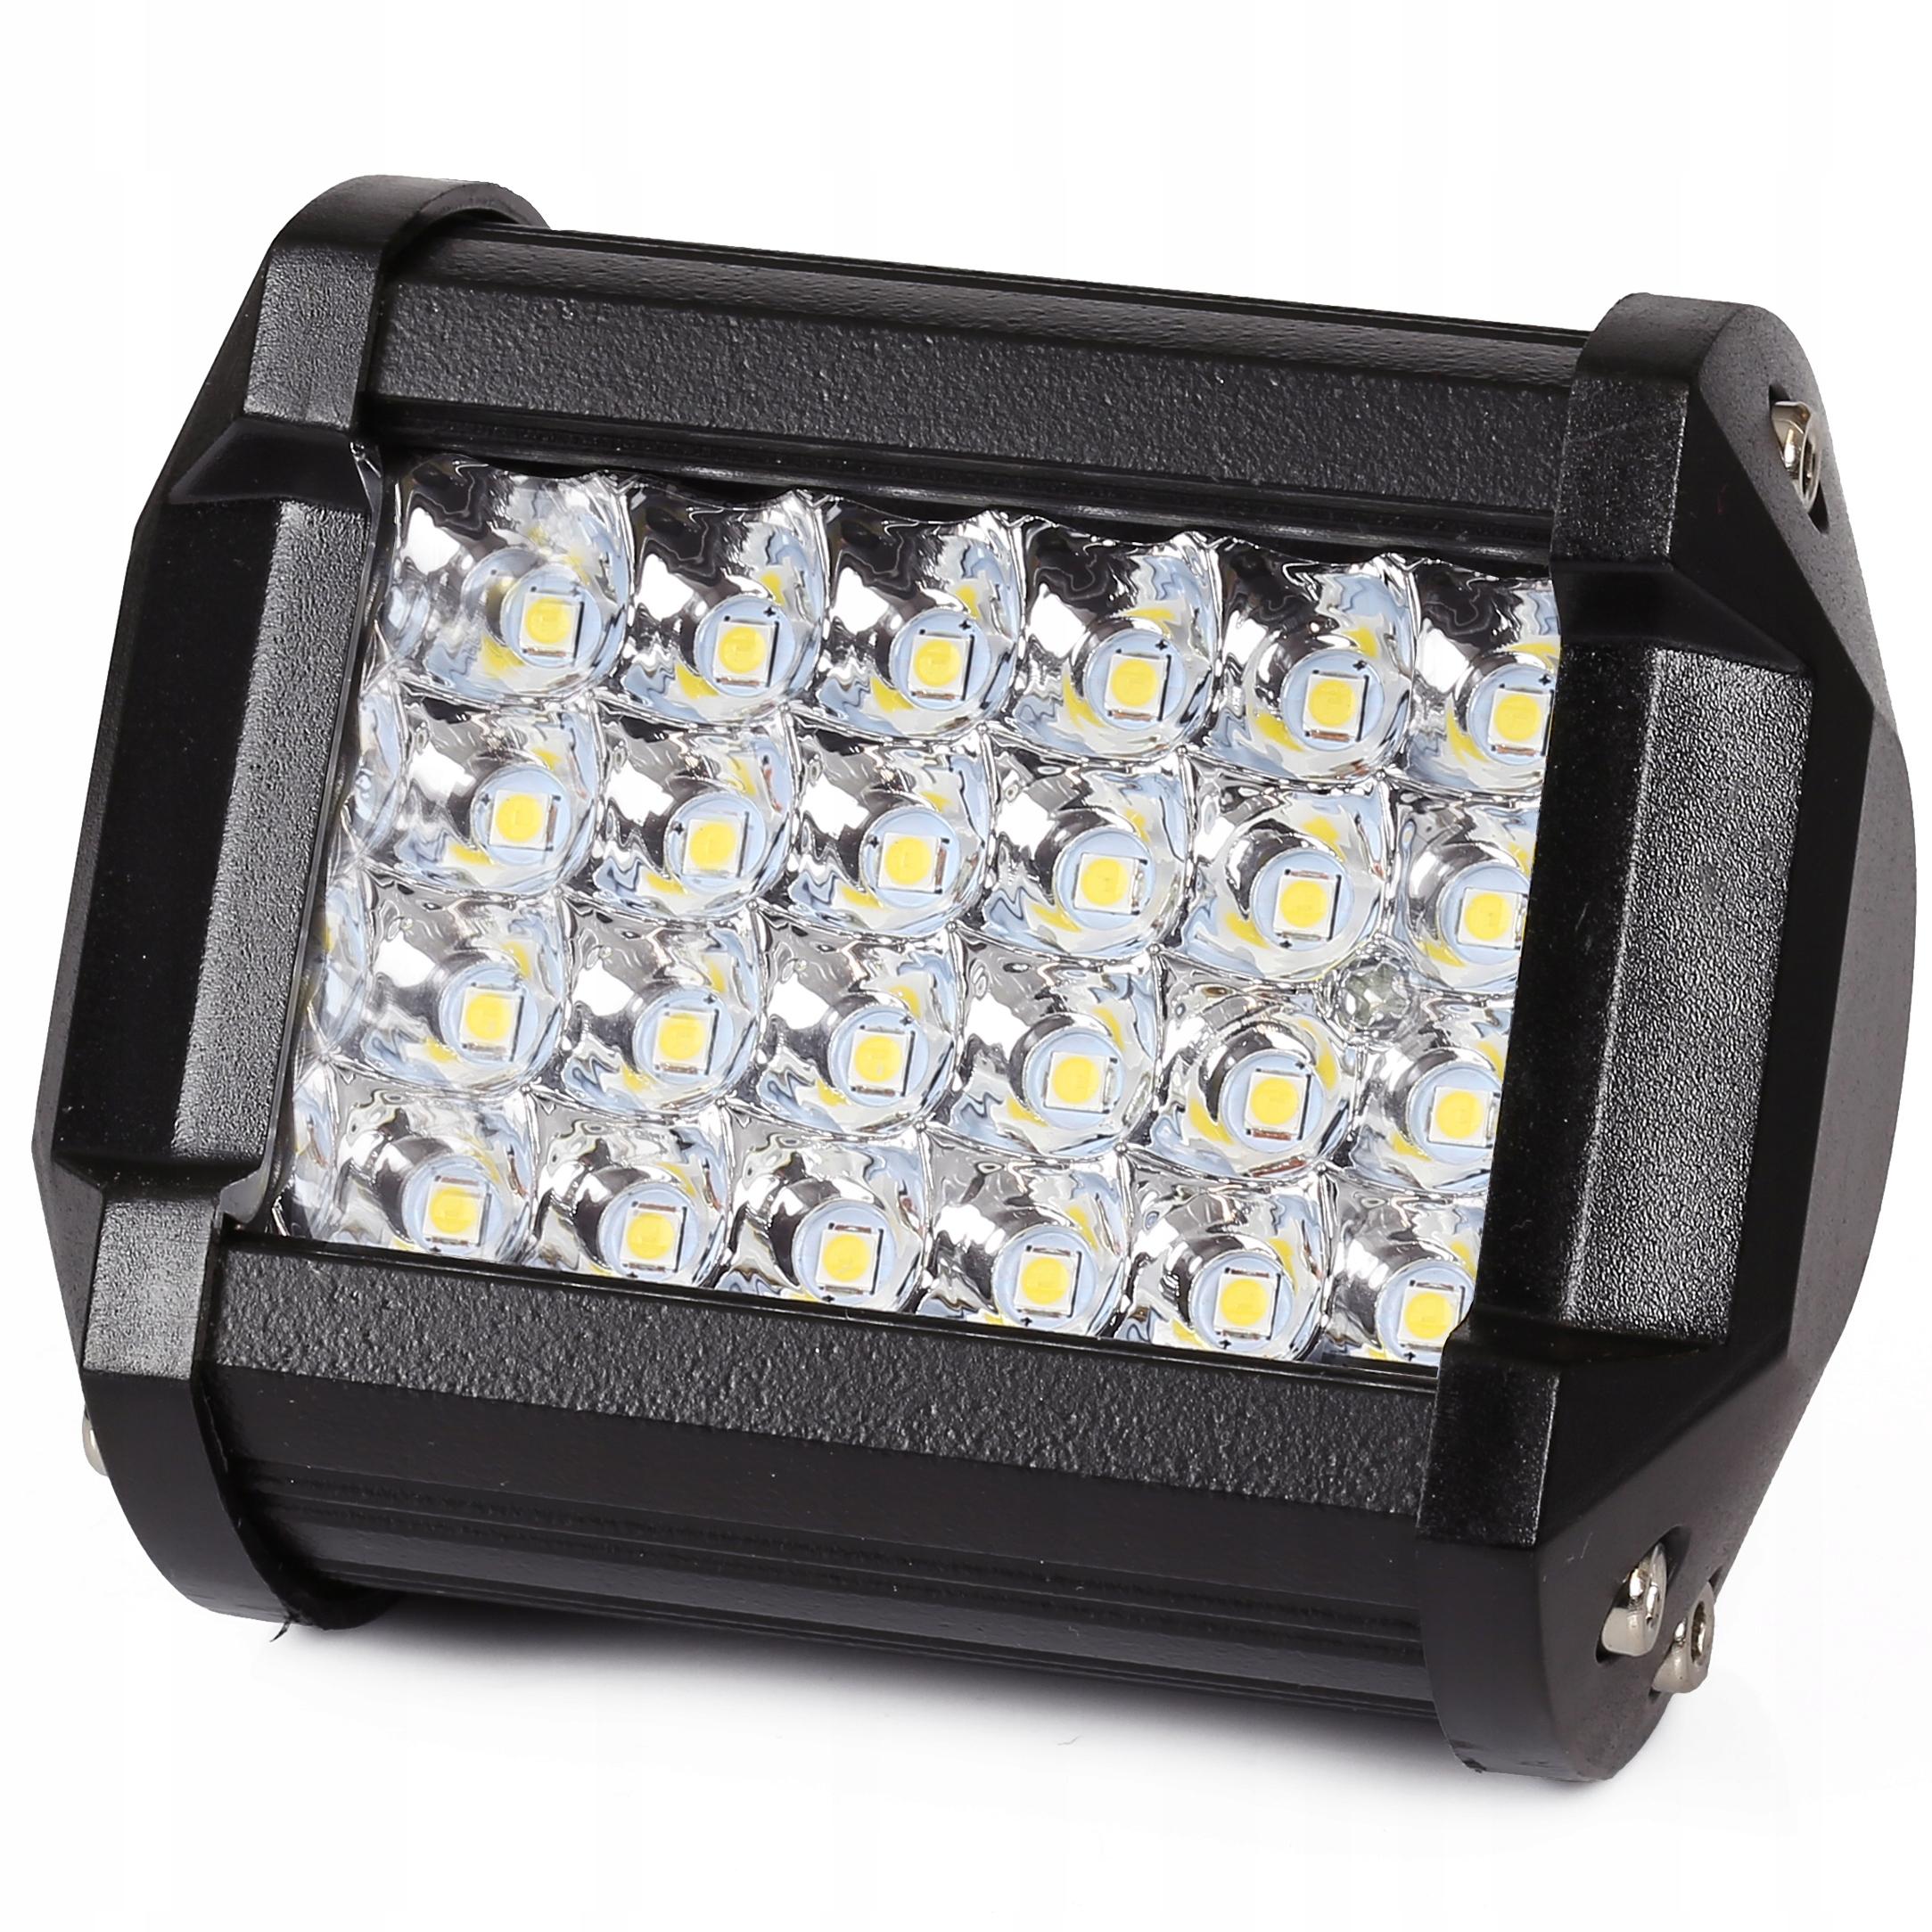 лампа рабочая 24 led галоген прожектора 72w мини